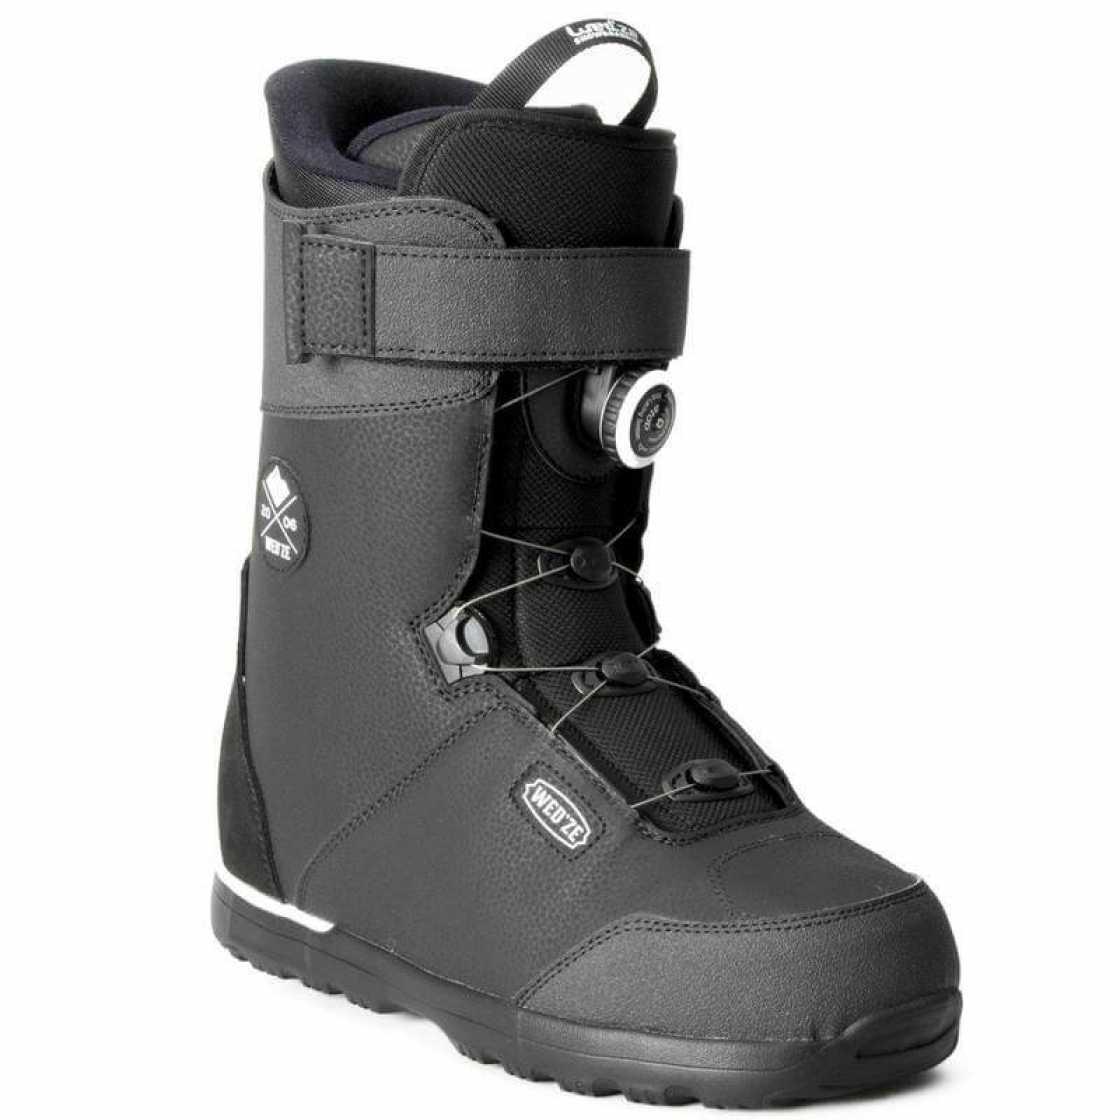 Bullwhip snowboard schoenen